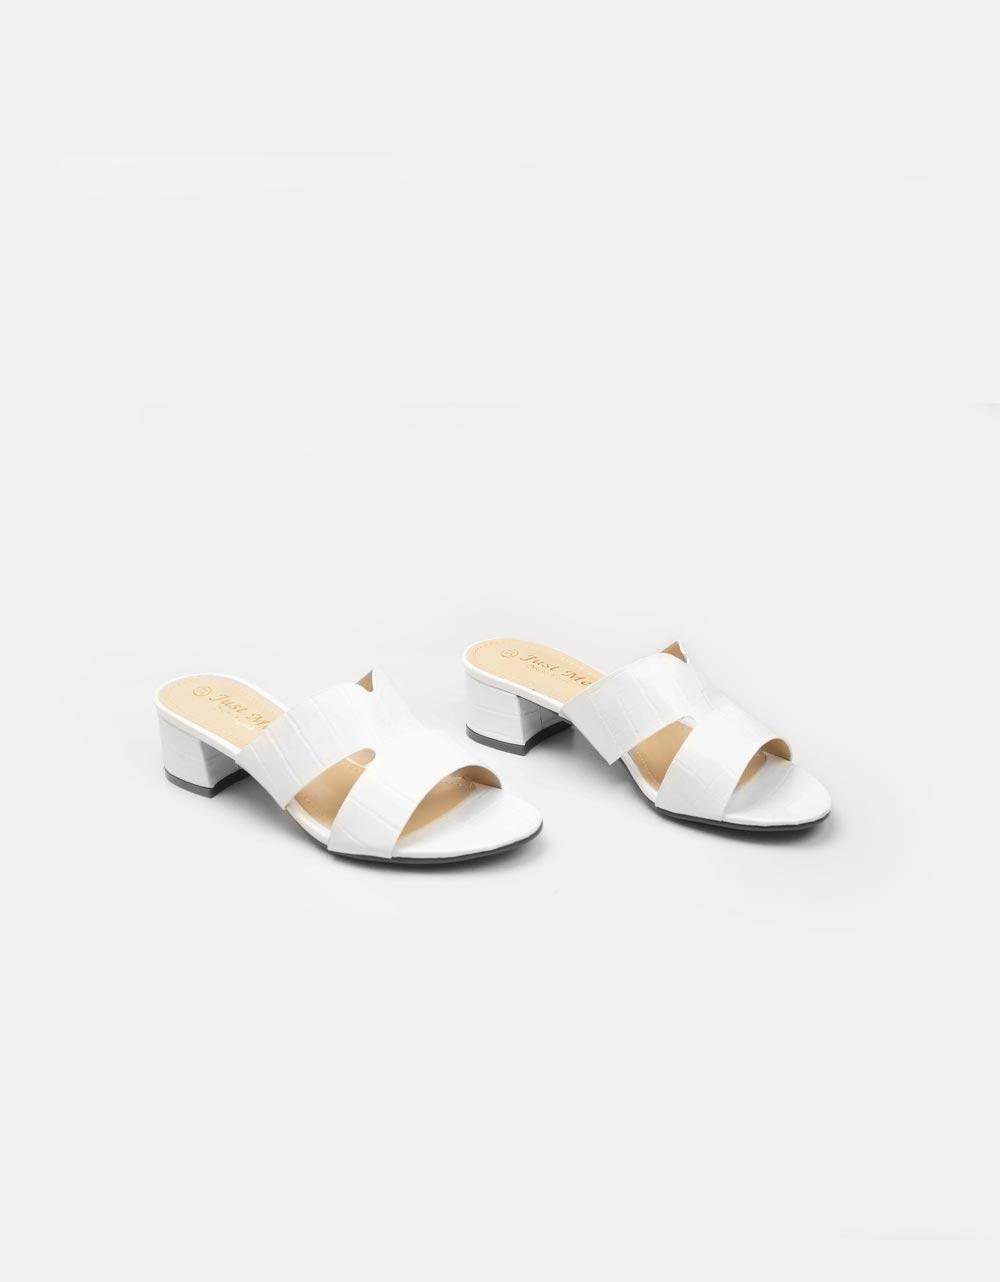 Εικόνα από Γυναικεία mules με κροκό υλικό Λευκό